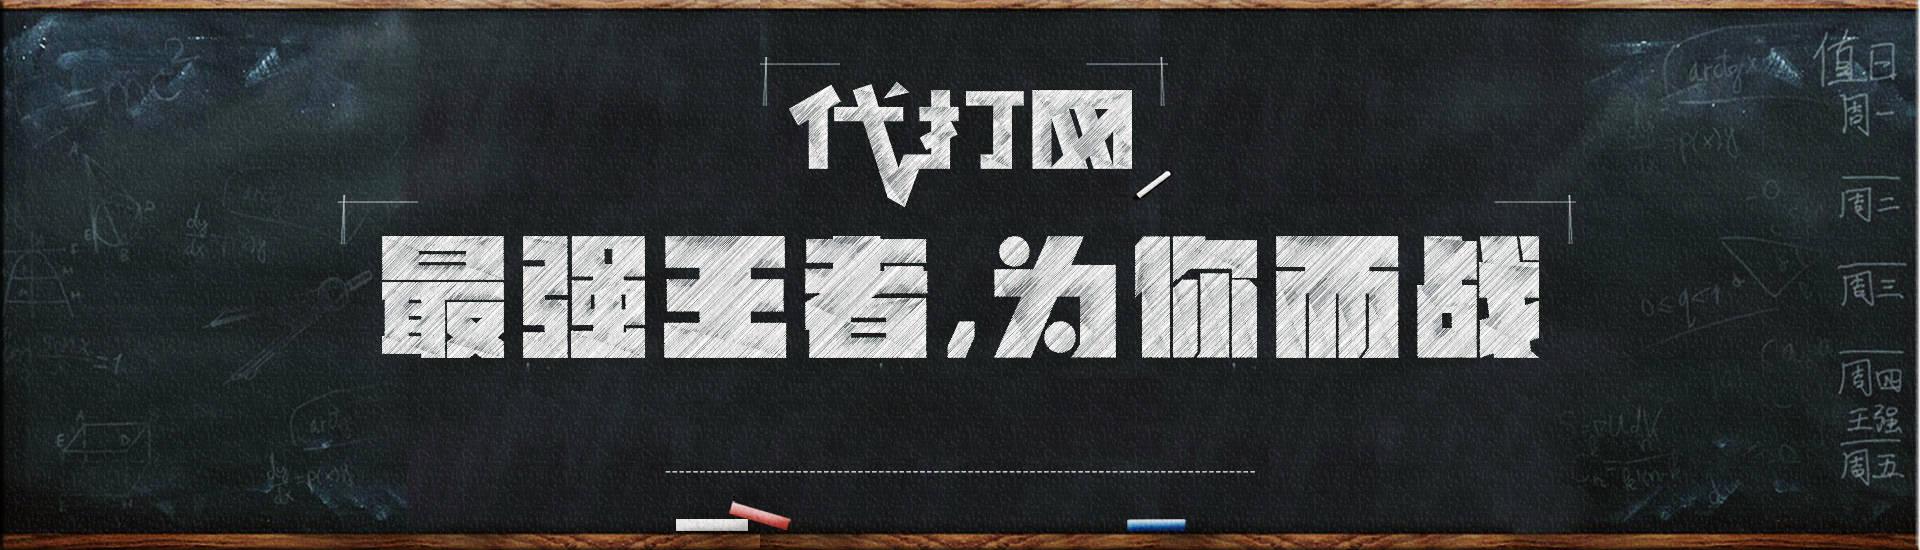 王者代打网(中华软件库旗下)-代练协议